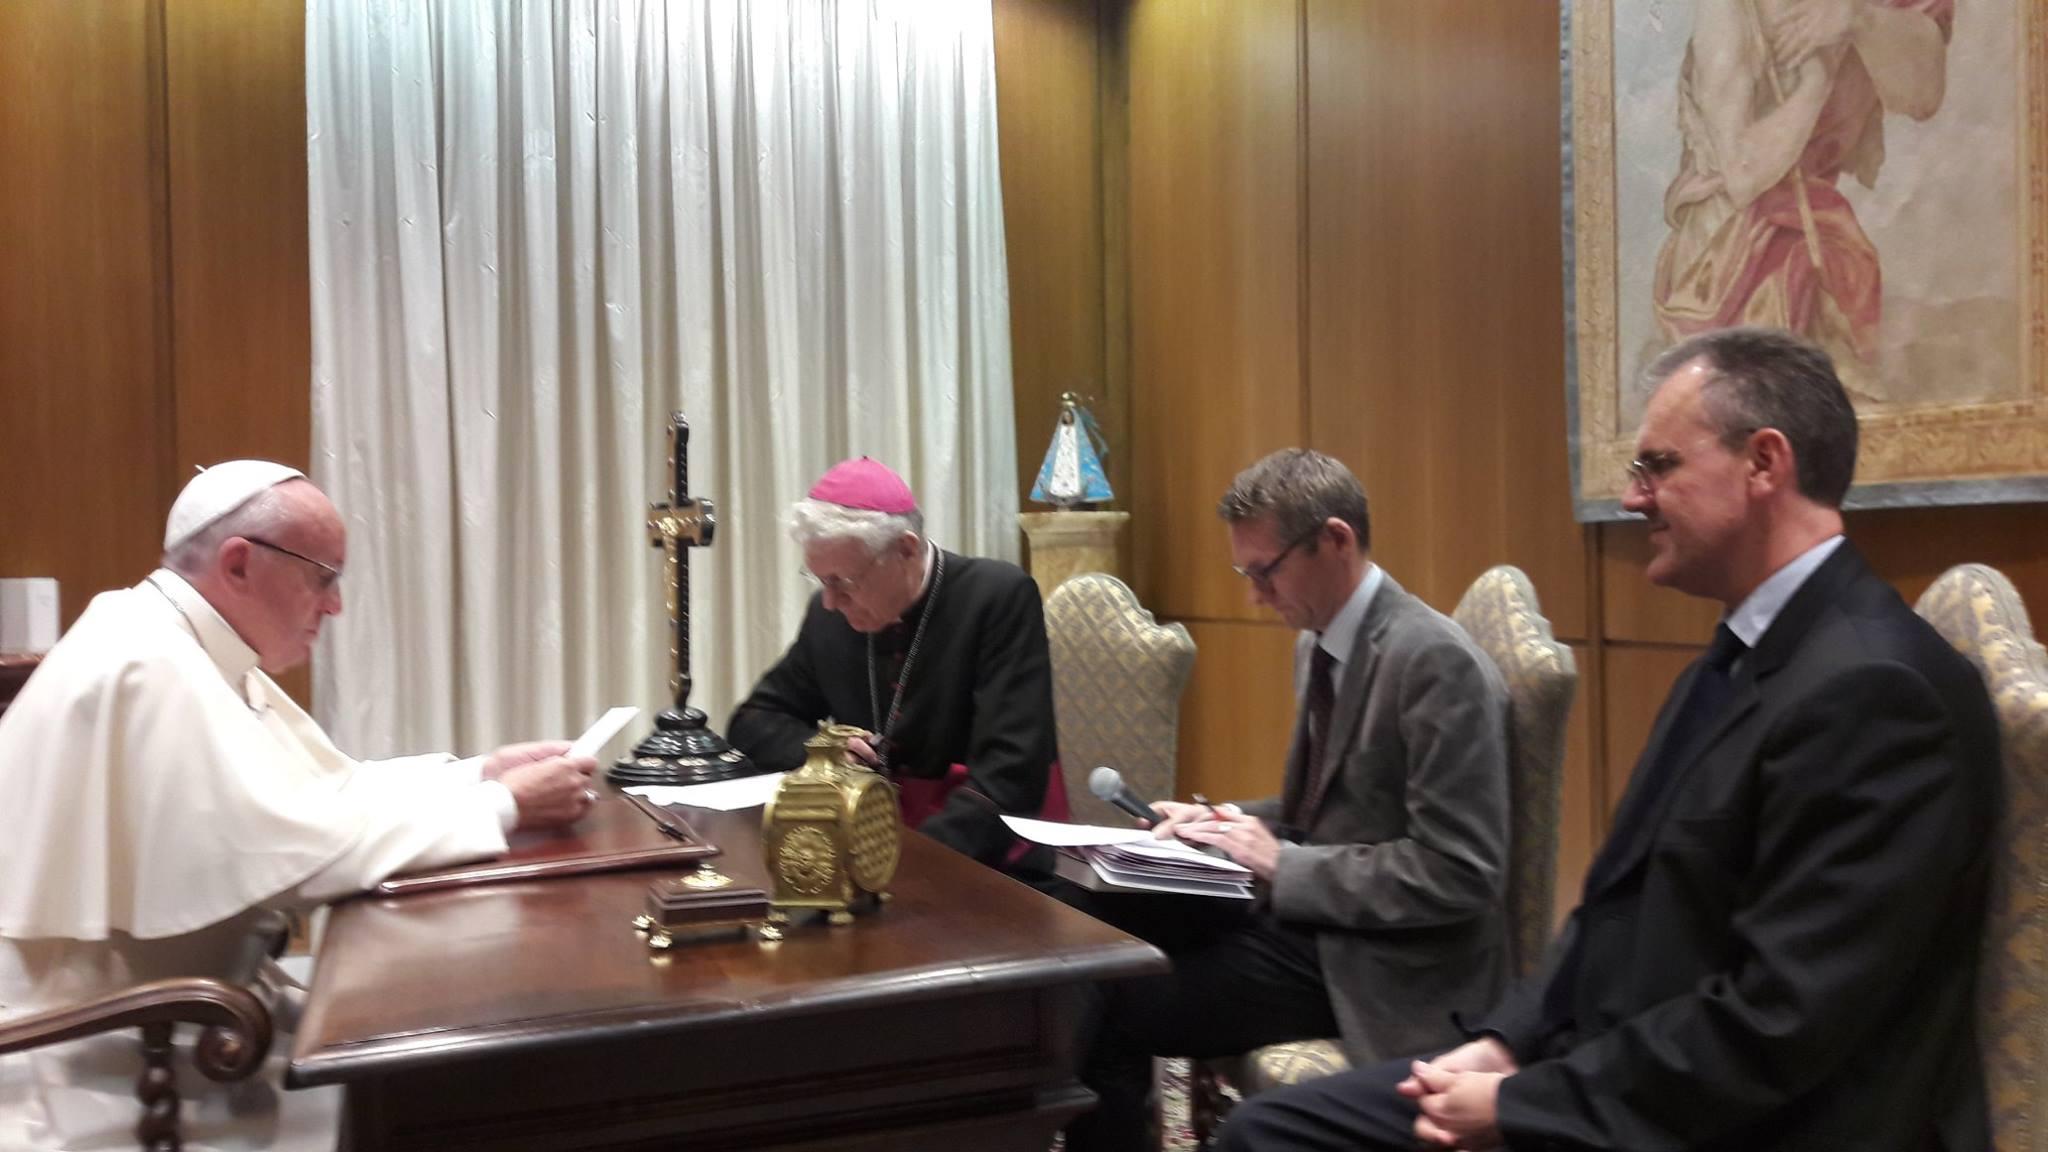 Met de vorige hoofdredacteur en bisschop Luc Van Looy op interview bij paus Franciscus © Tertio